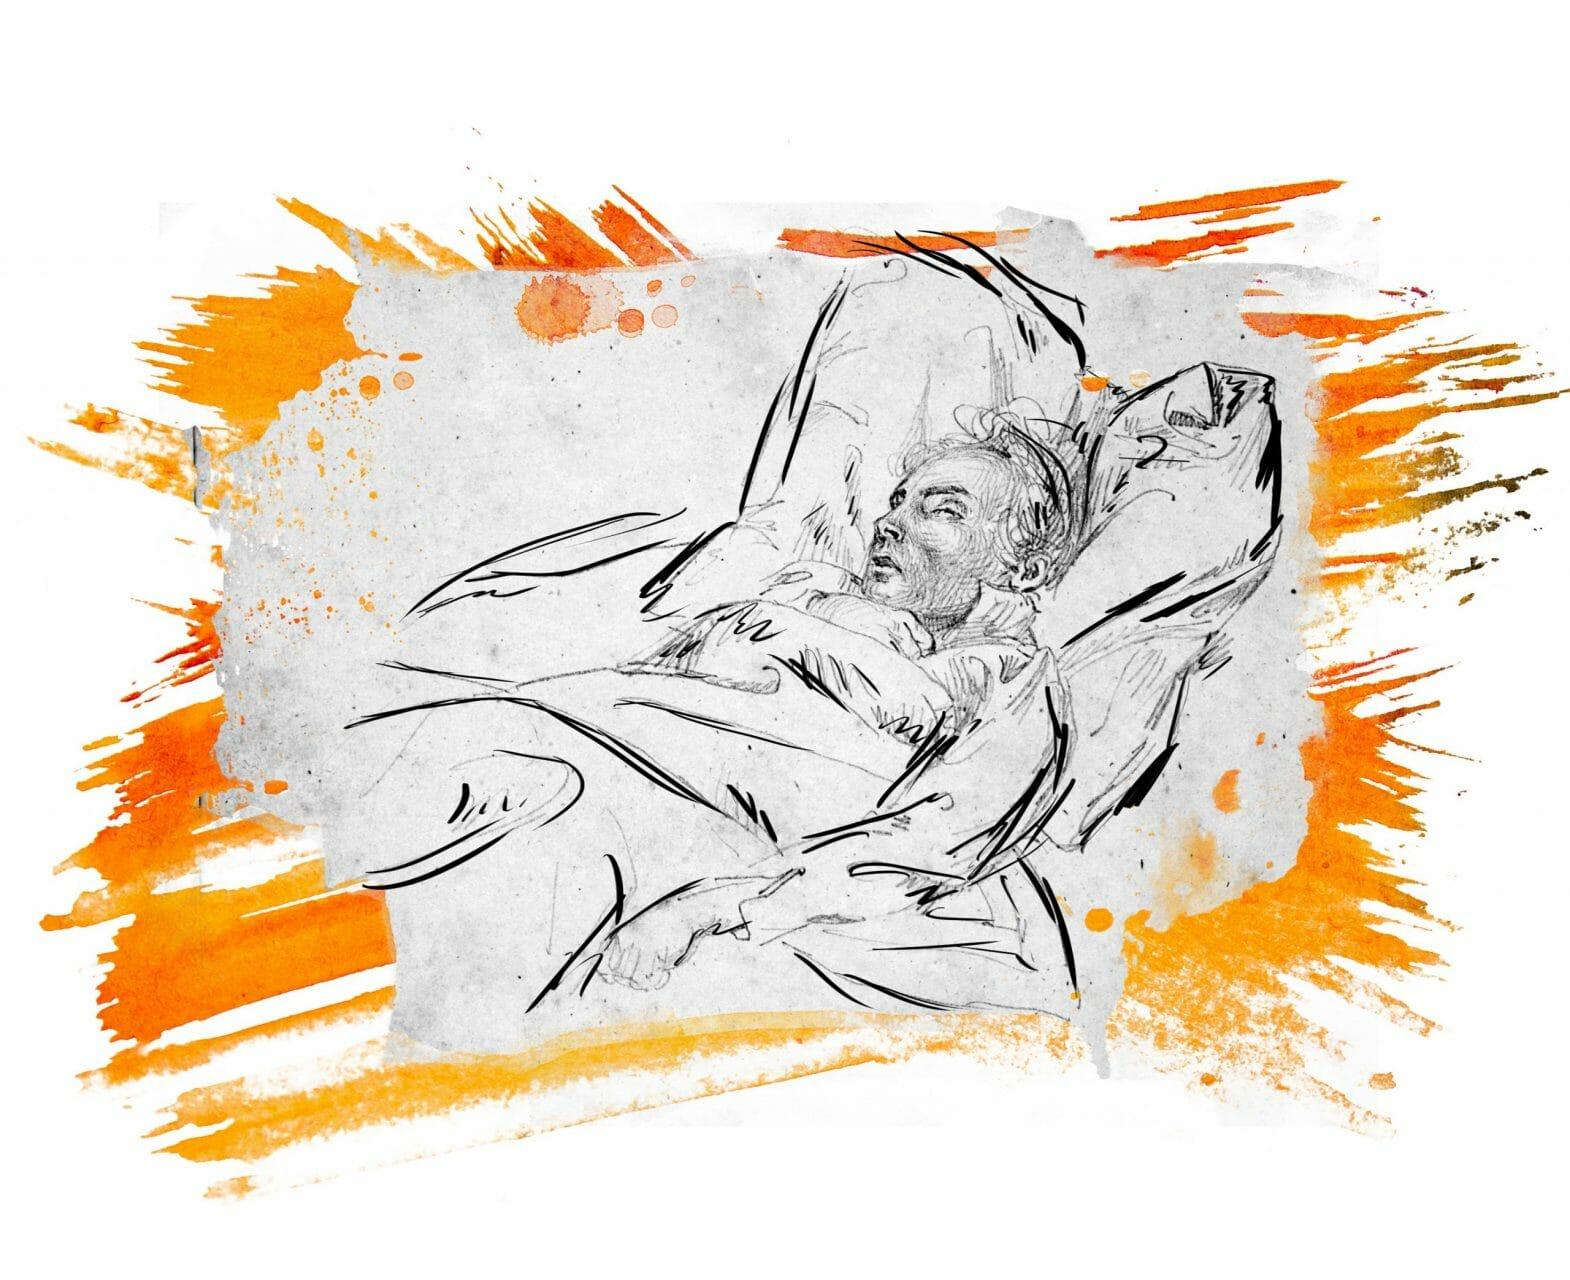 Ein Mann liegt in einem Bett, er scheint friedlich zu schlafen.